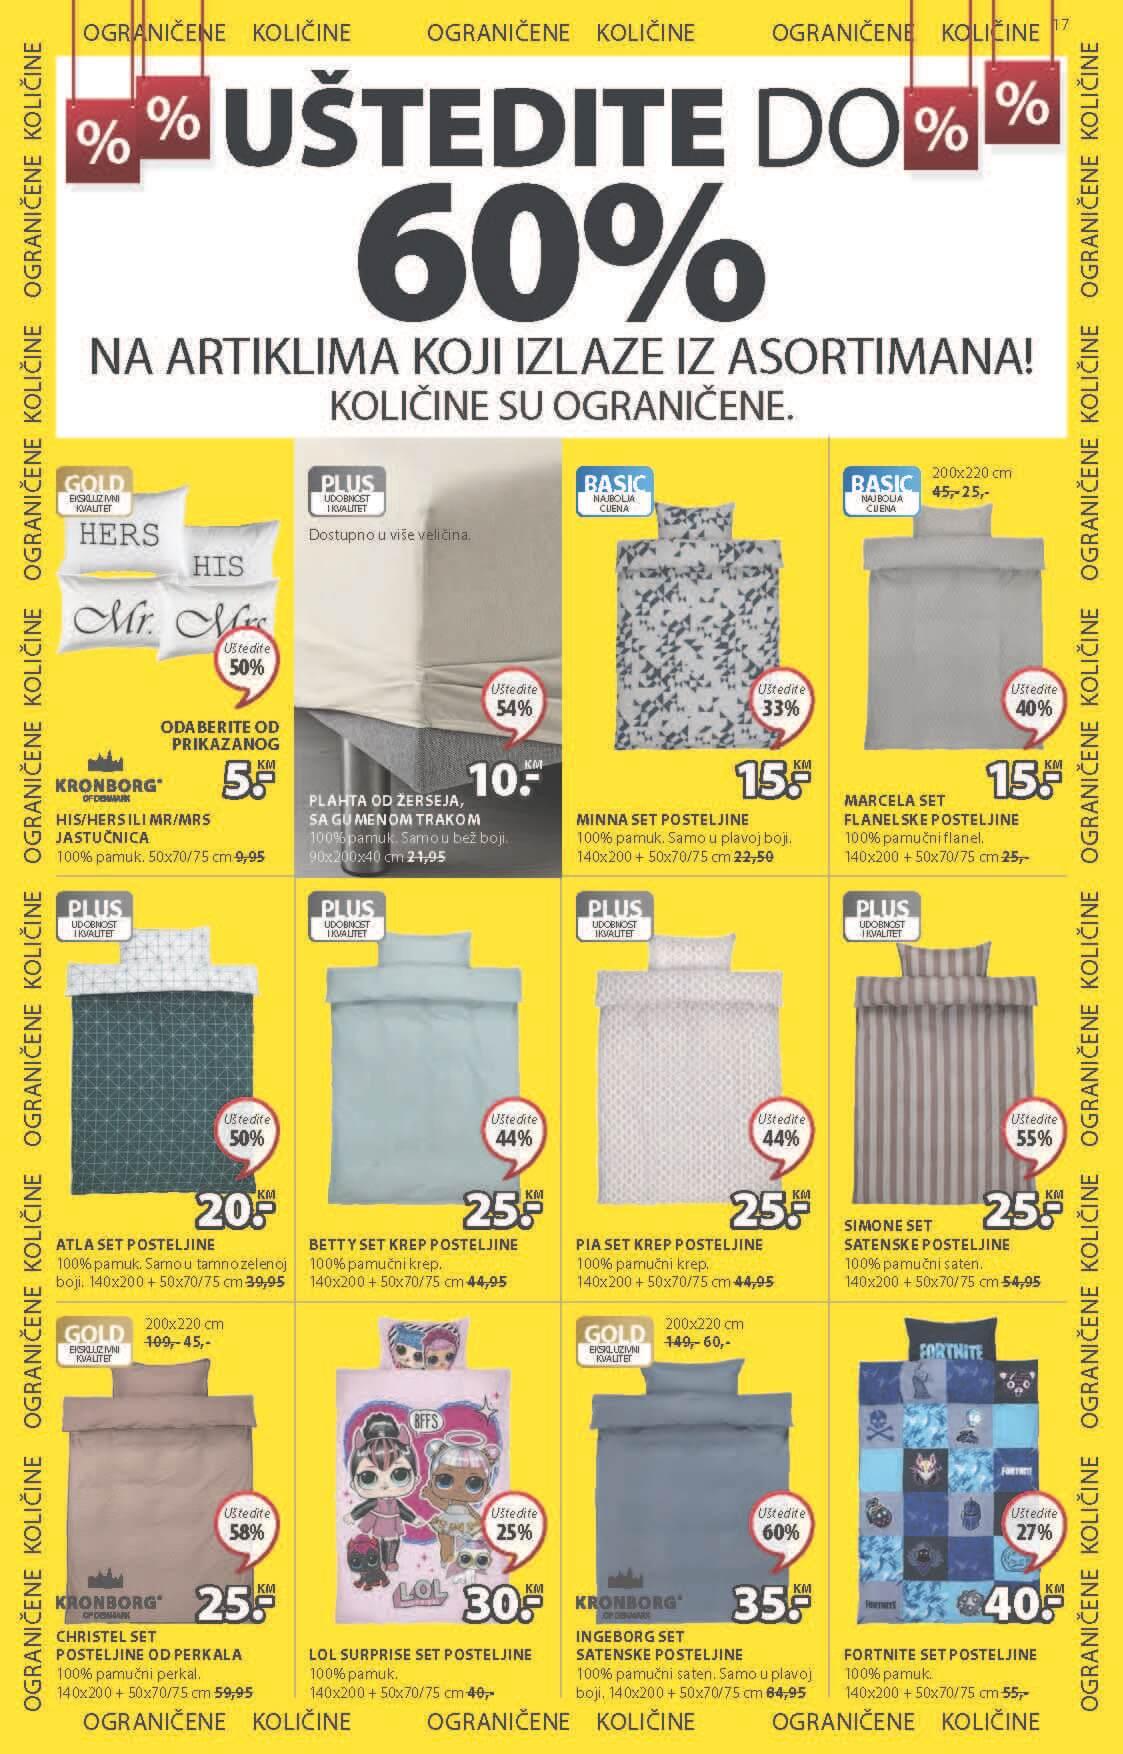 JYSK Katalog Akcijska rasprodaja JUN 2021 03.06. 16.06 eKatalozi.com PR Page 18